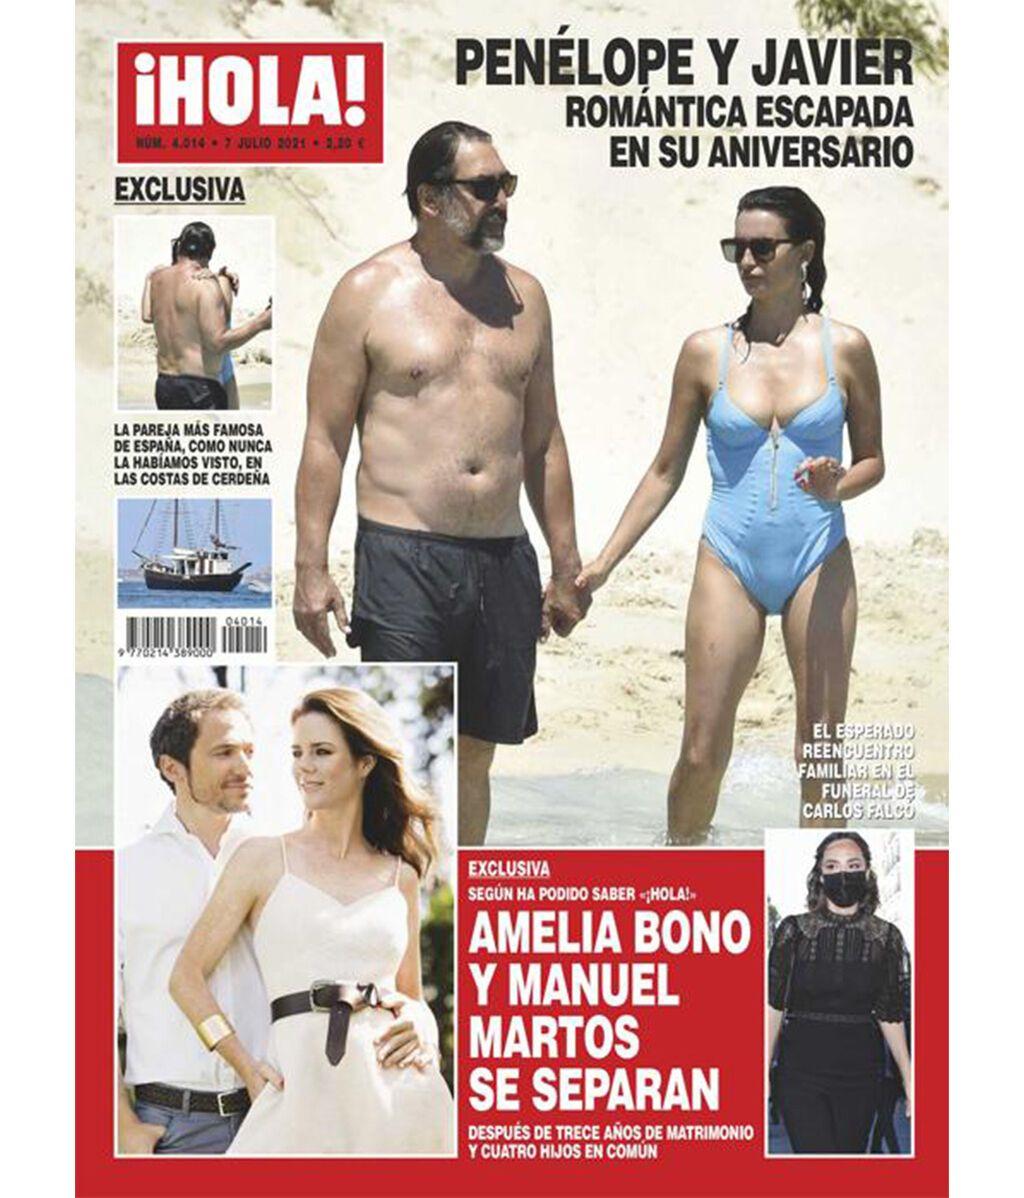 La revista ¡Hola! anuncia la separación de Manuel Martos y Amelia Bono